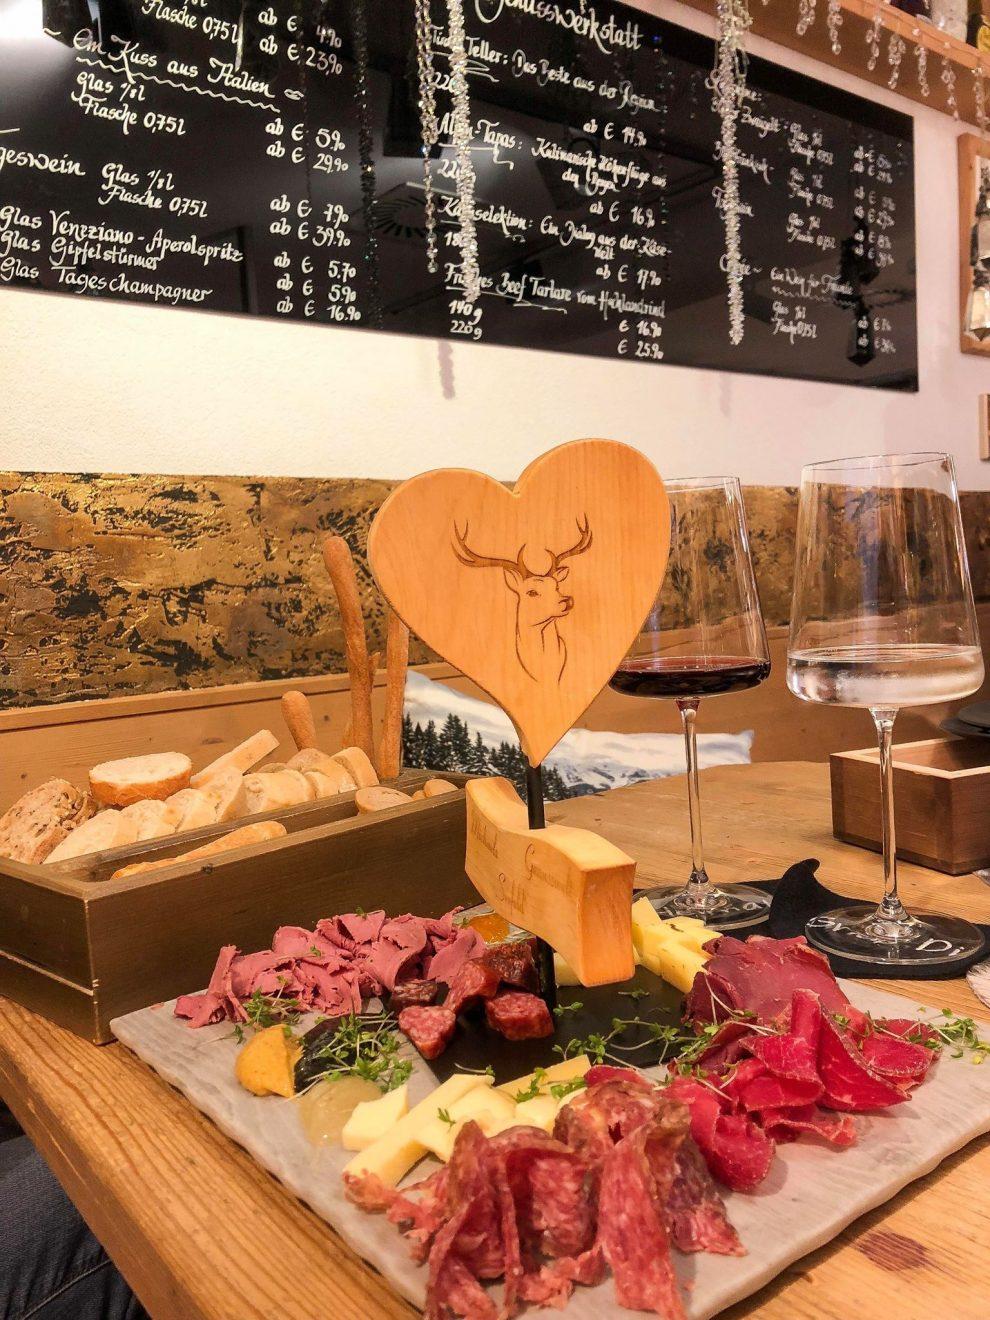 Seefeld in Tirol - skigebied -  wintersportgebied in de Oostenrijkse Alpen - eten en drinken Seefeld - Plangger Delikatessen